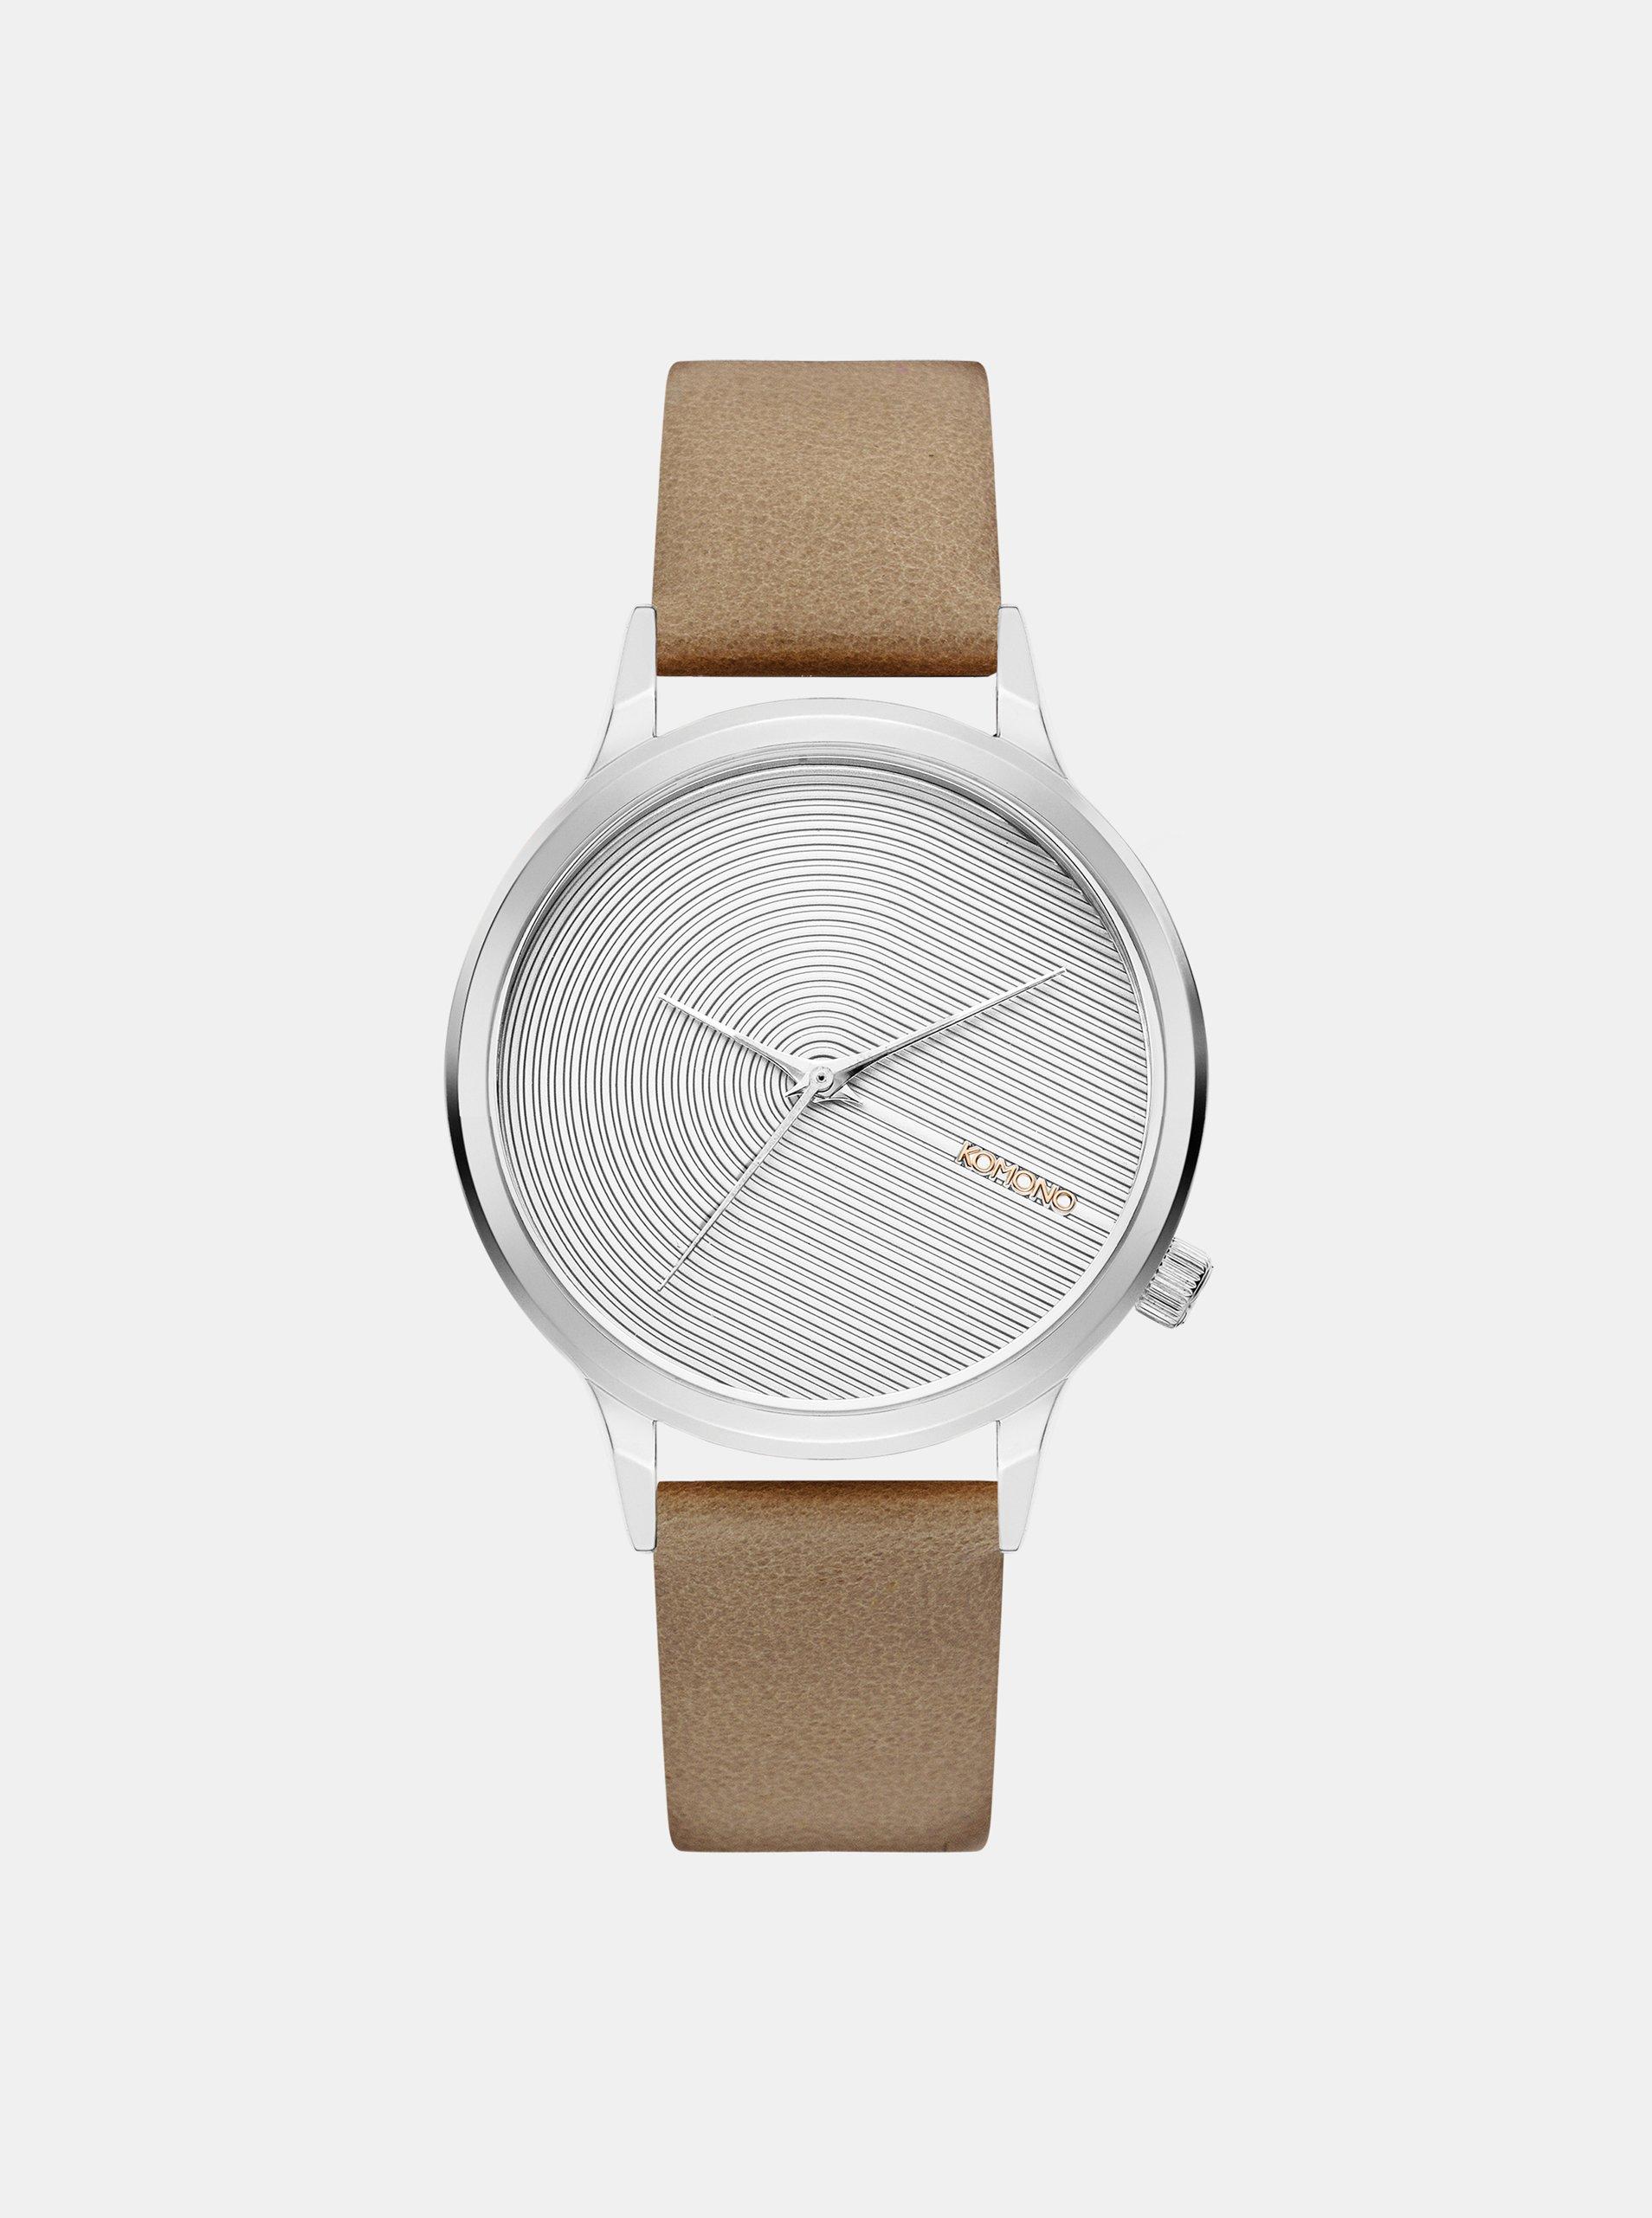 4490519c8a3 Dámské hodinky s béžovým koženým páskem Komono Lexo Deco